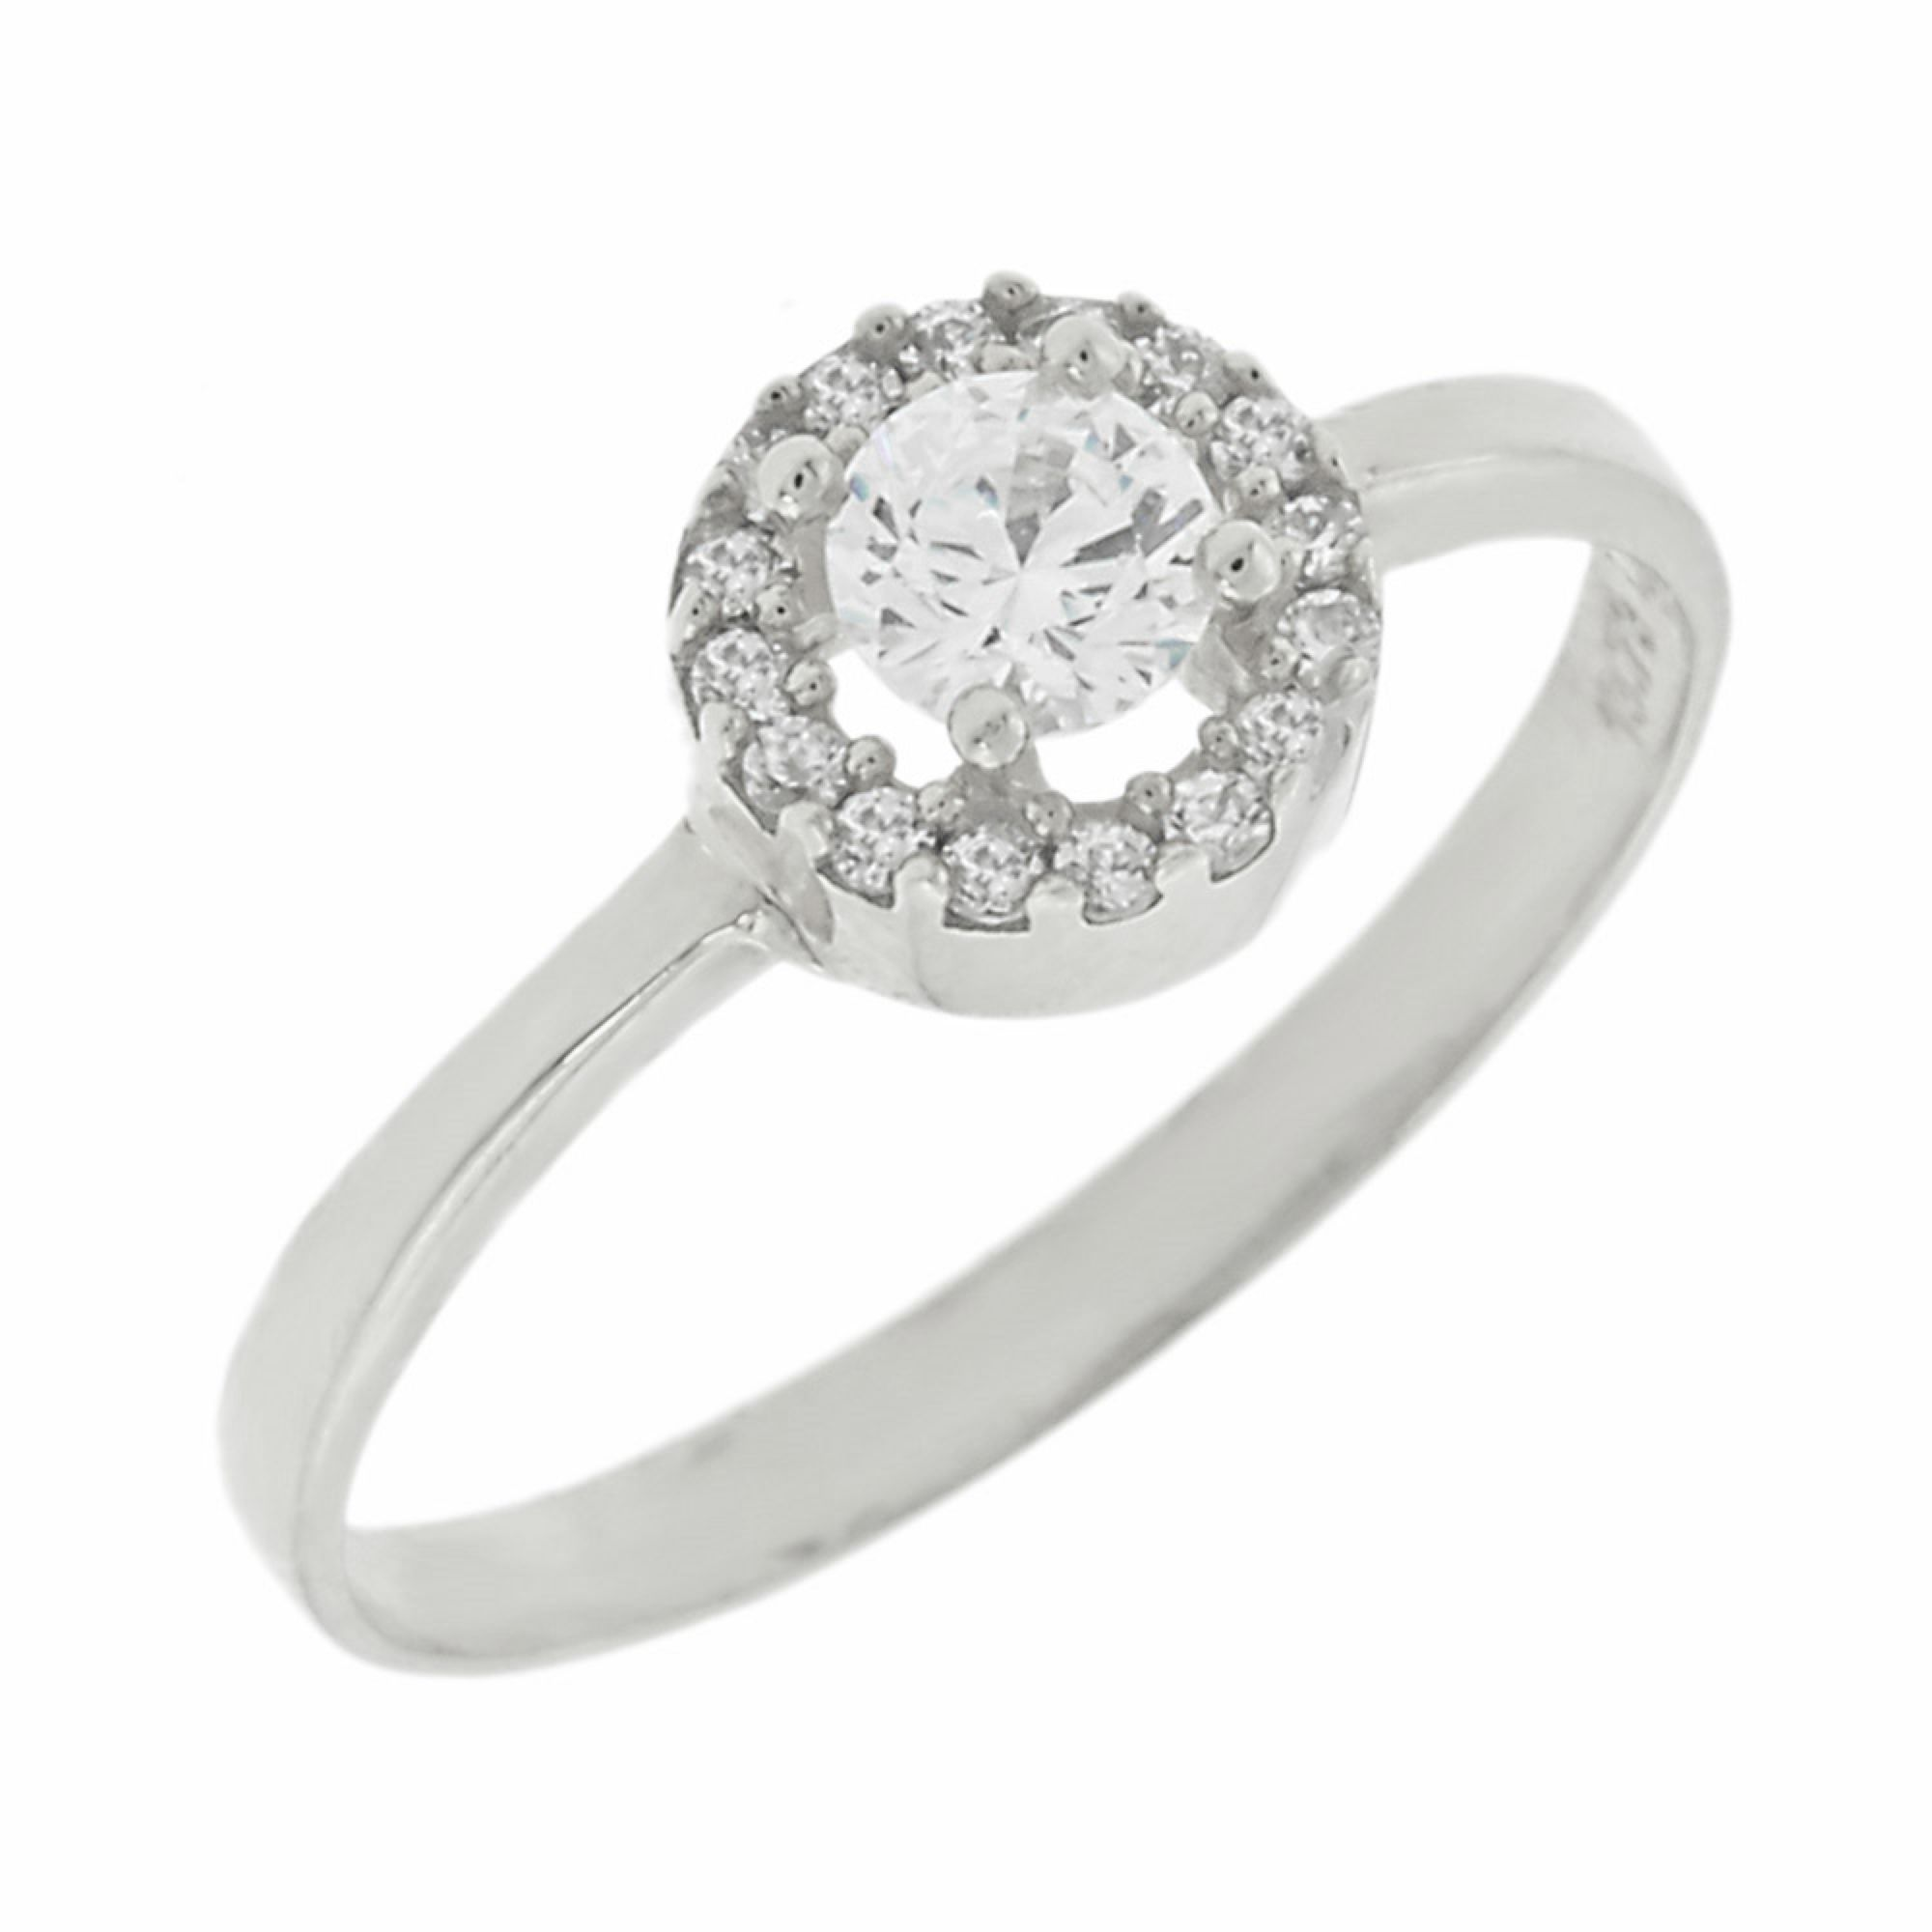 Δαχτυλίδι Λευκόχρυσο με Πέτρες Ζιργκόν 9 Καράτια